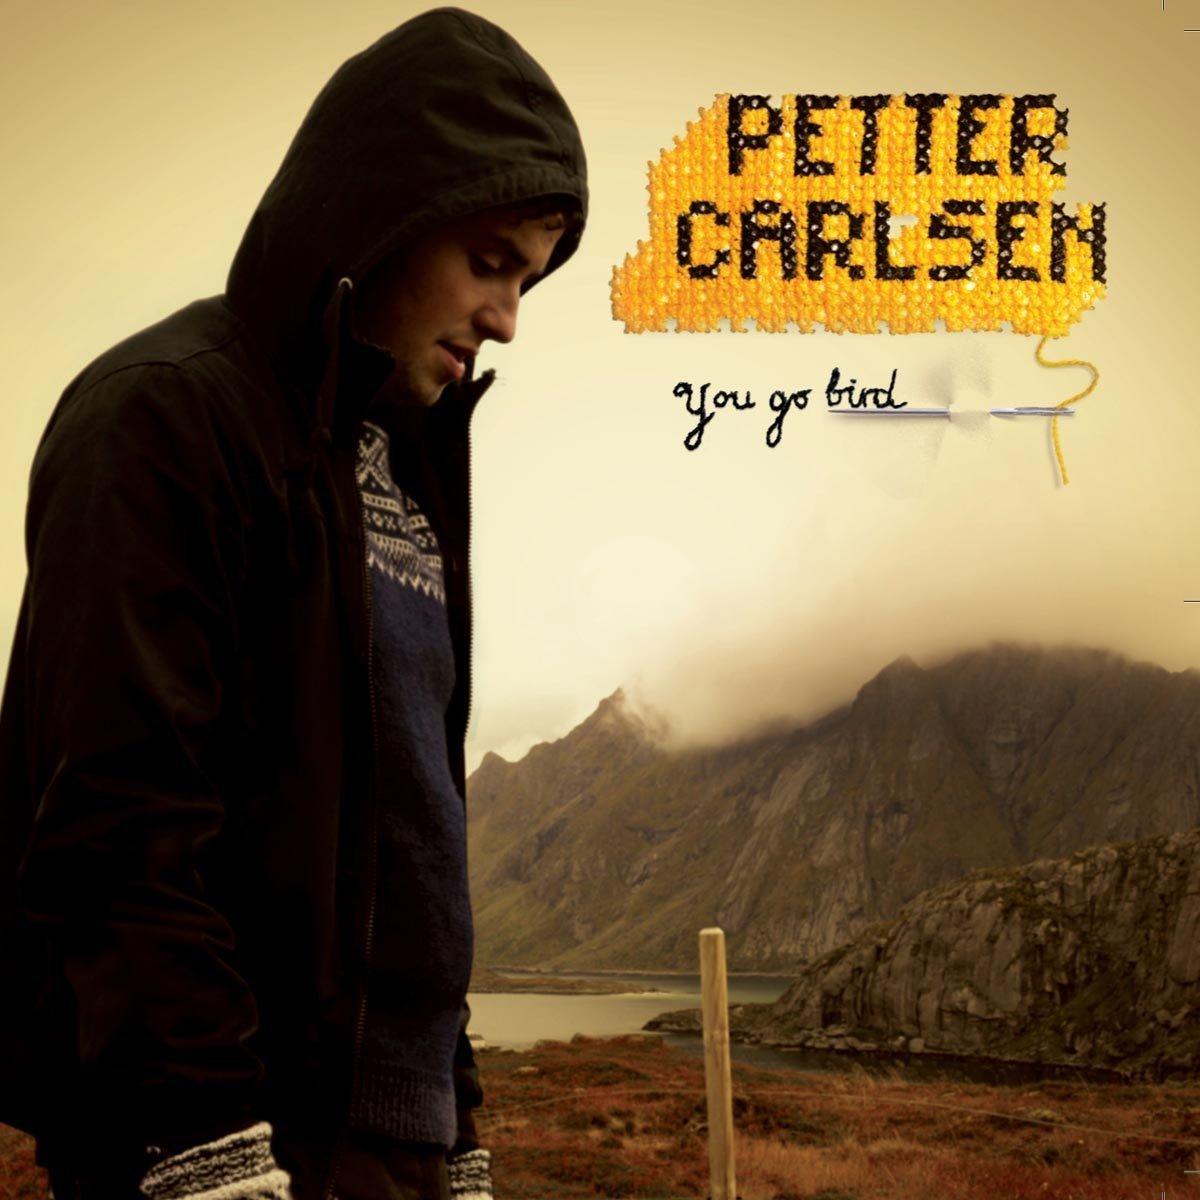 Petter Carlsen: You Go Bird (2016) Book Cover